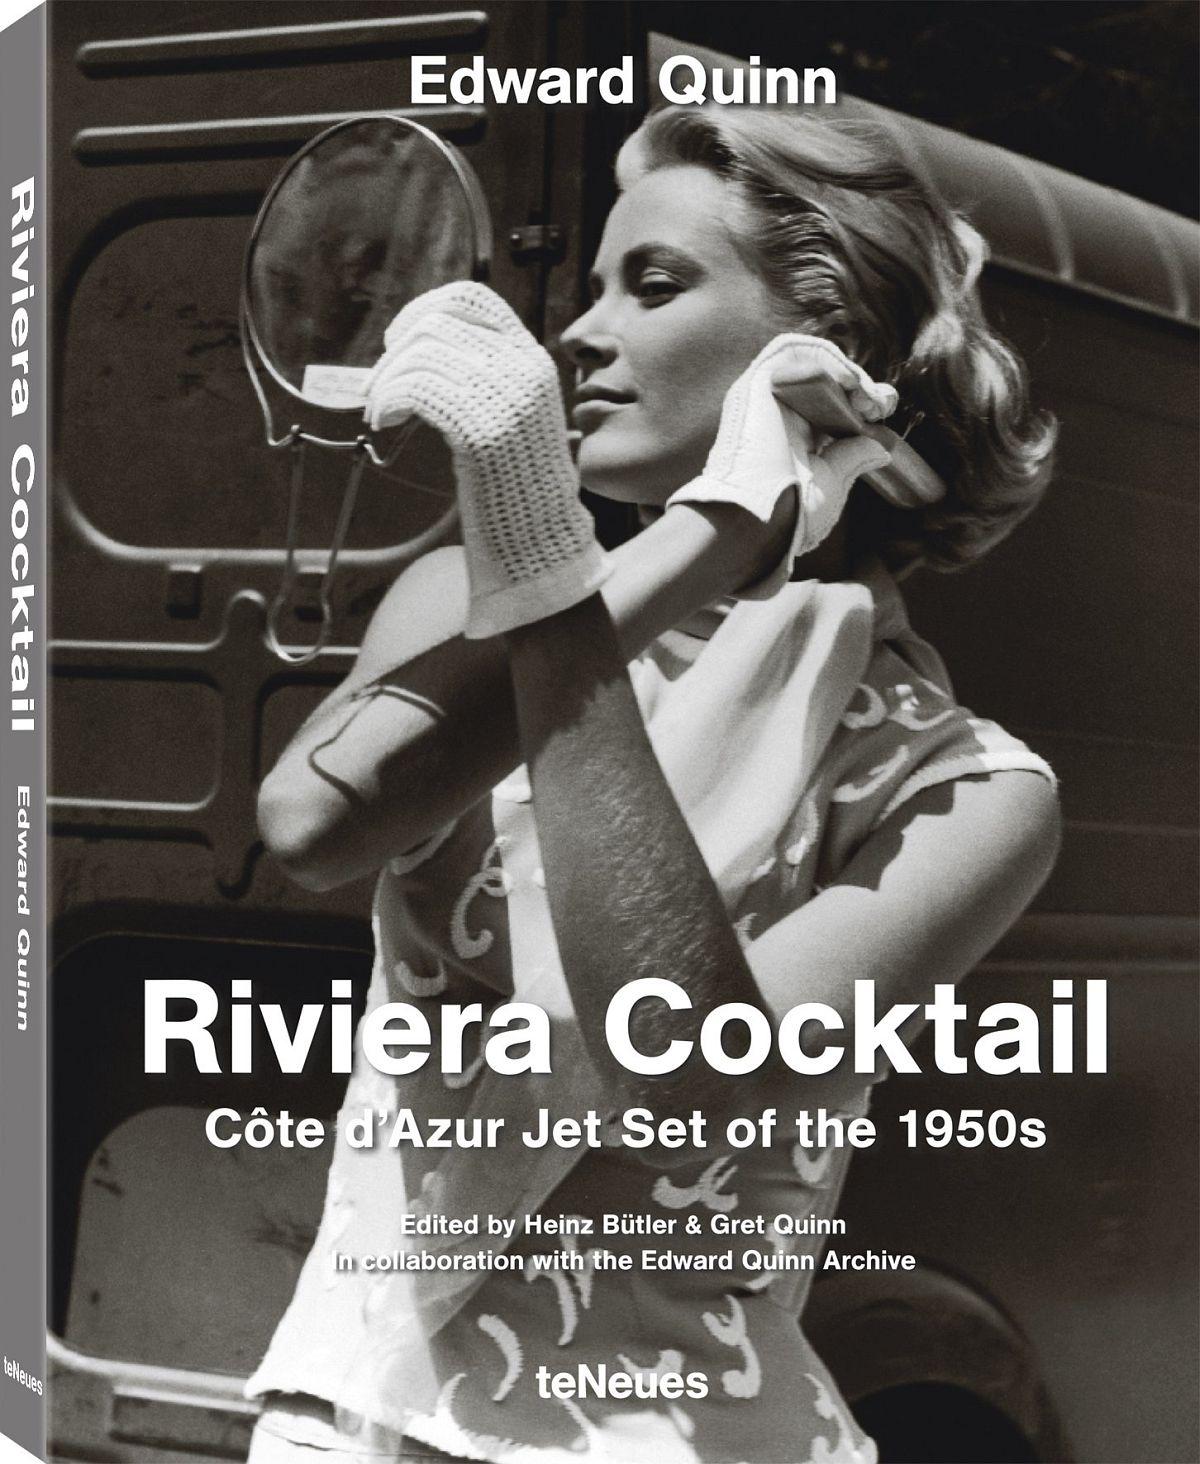 Edward Quinn: Riviera Cocktail